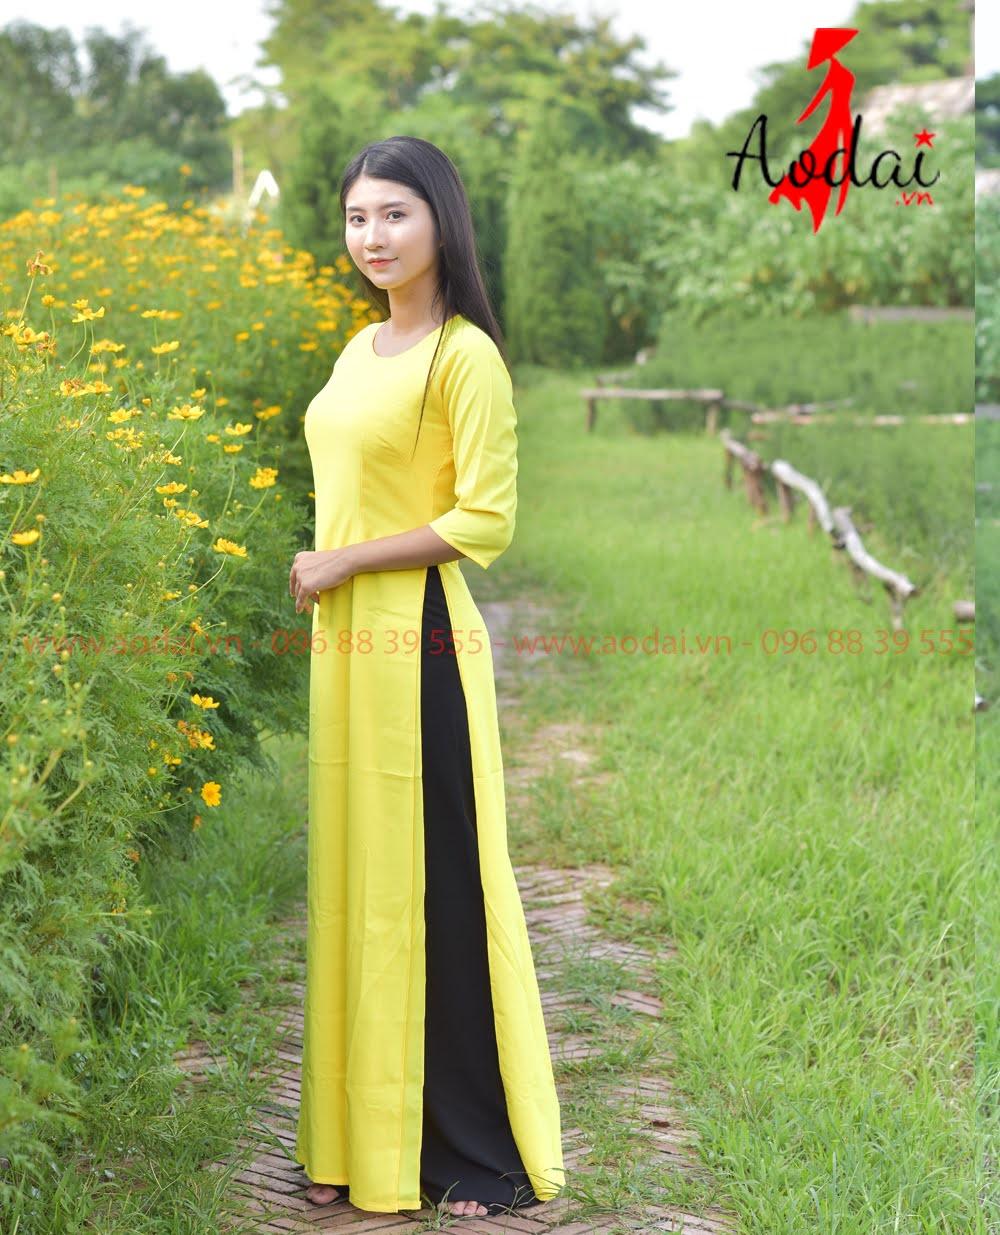 In áo dài tại Điện Biên